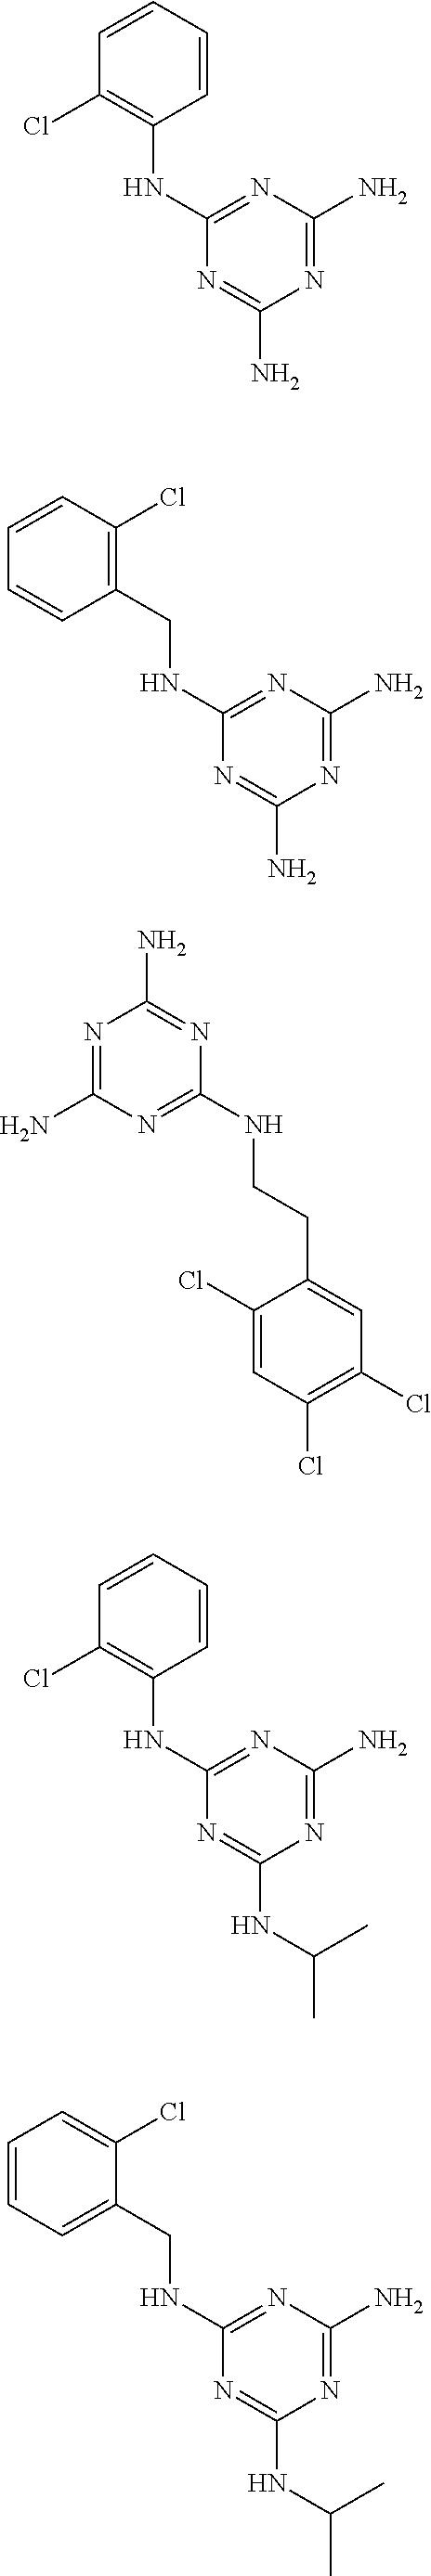 Figure US09480663-20161101-C00155